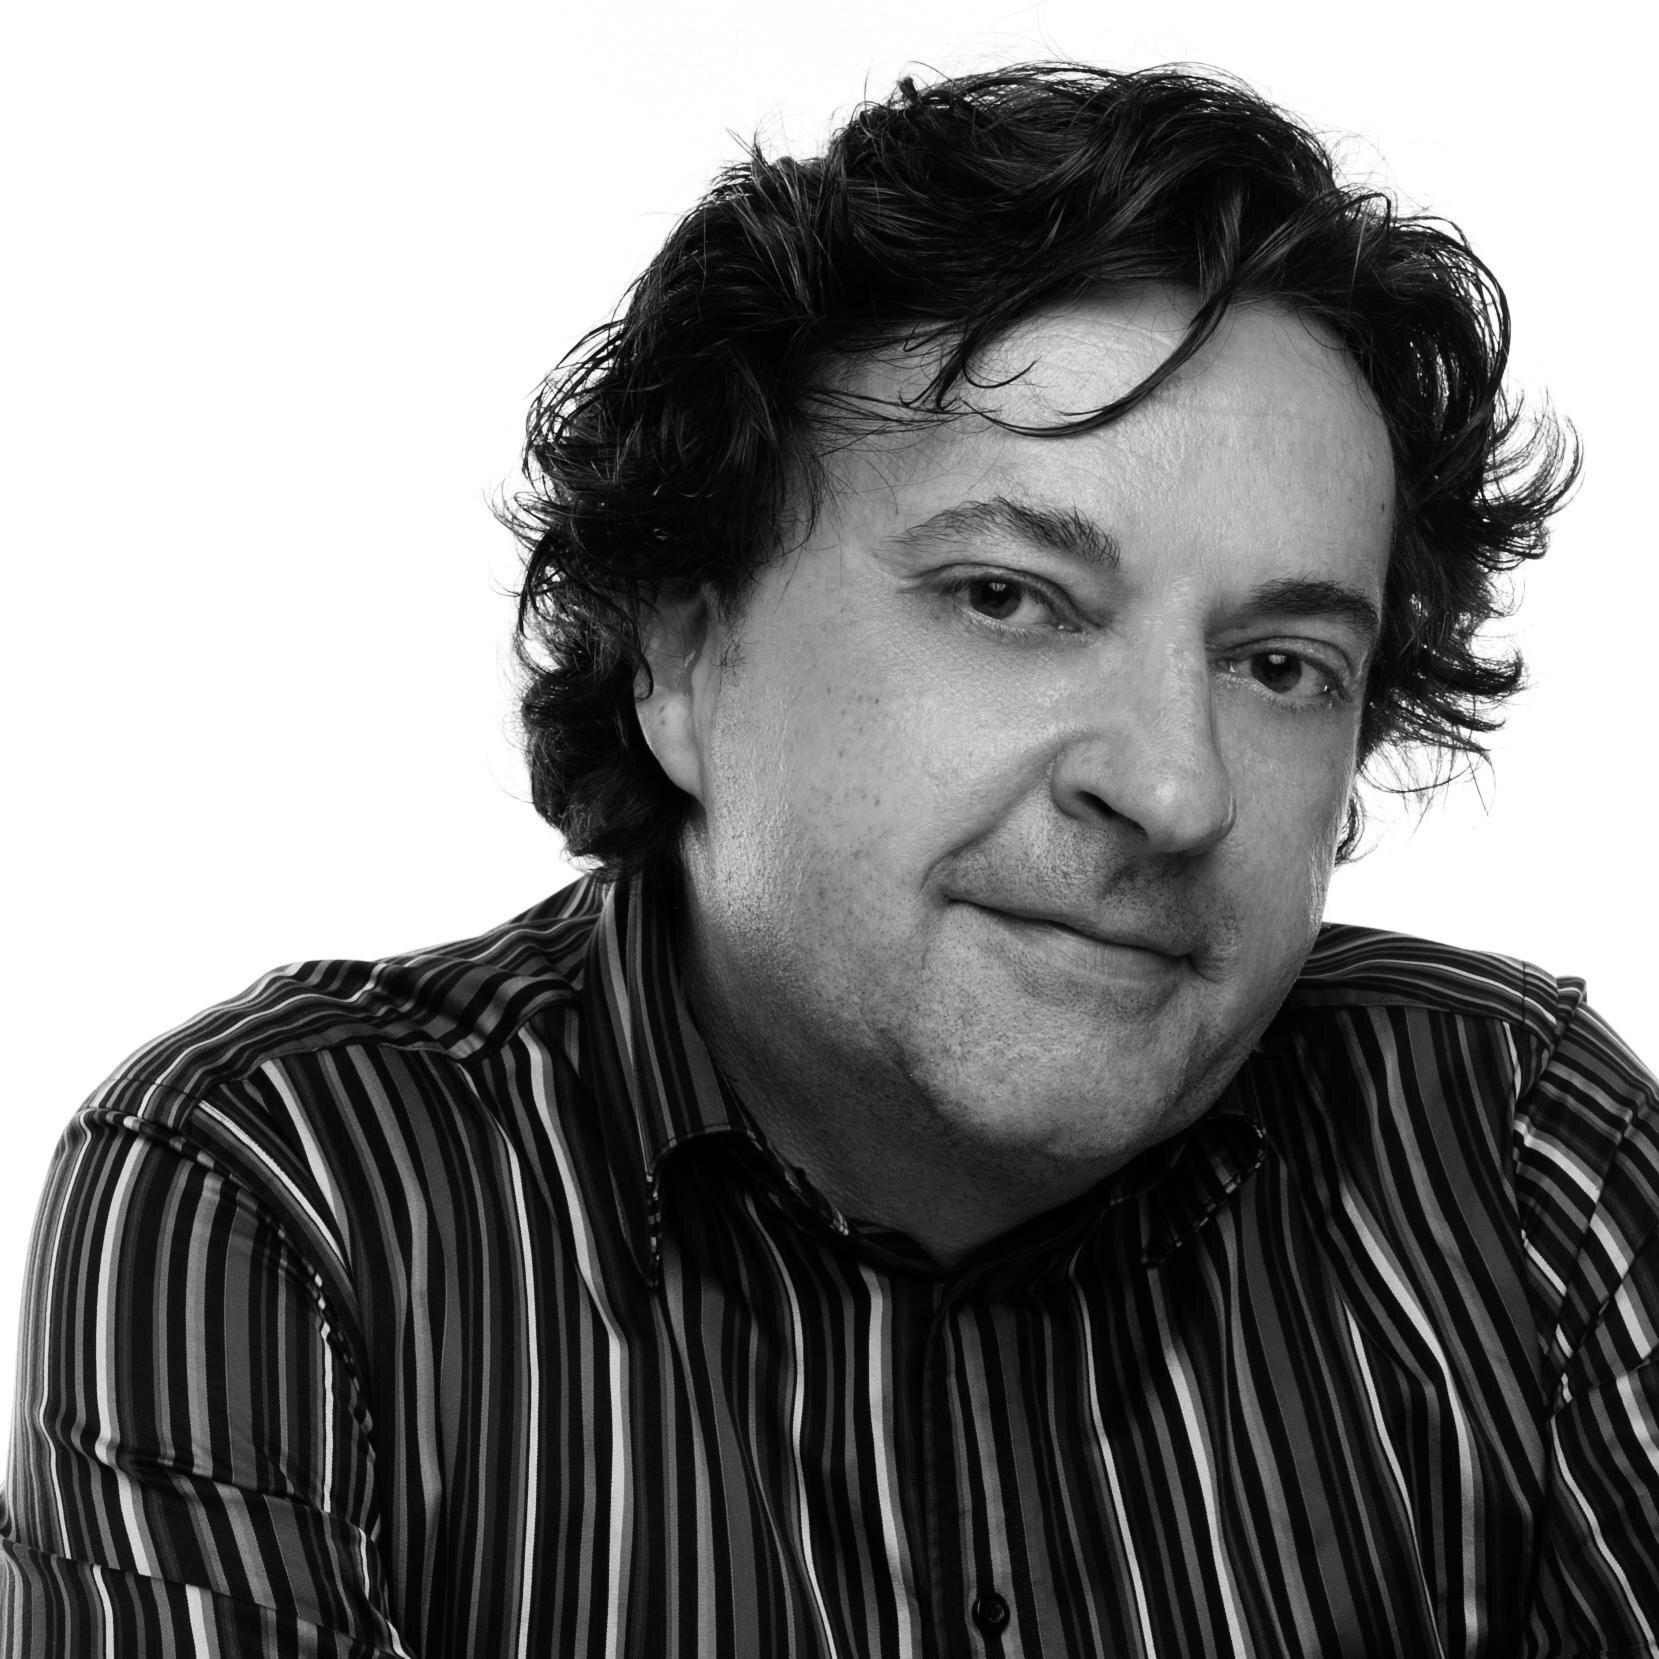 Jean Vachon